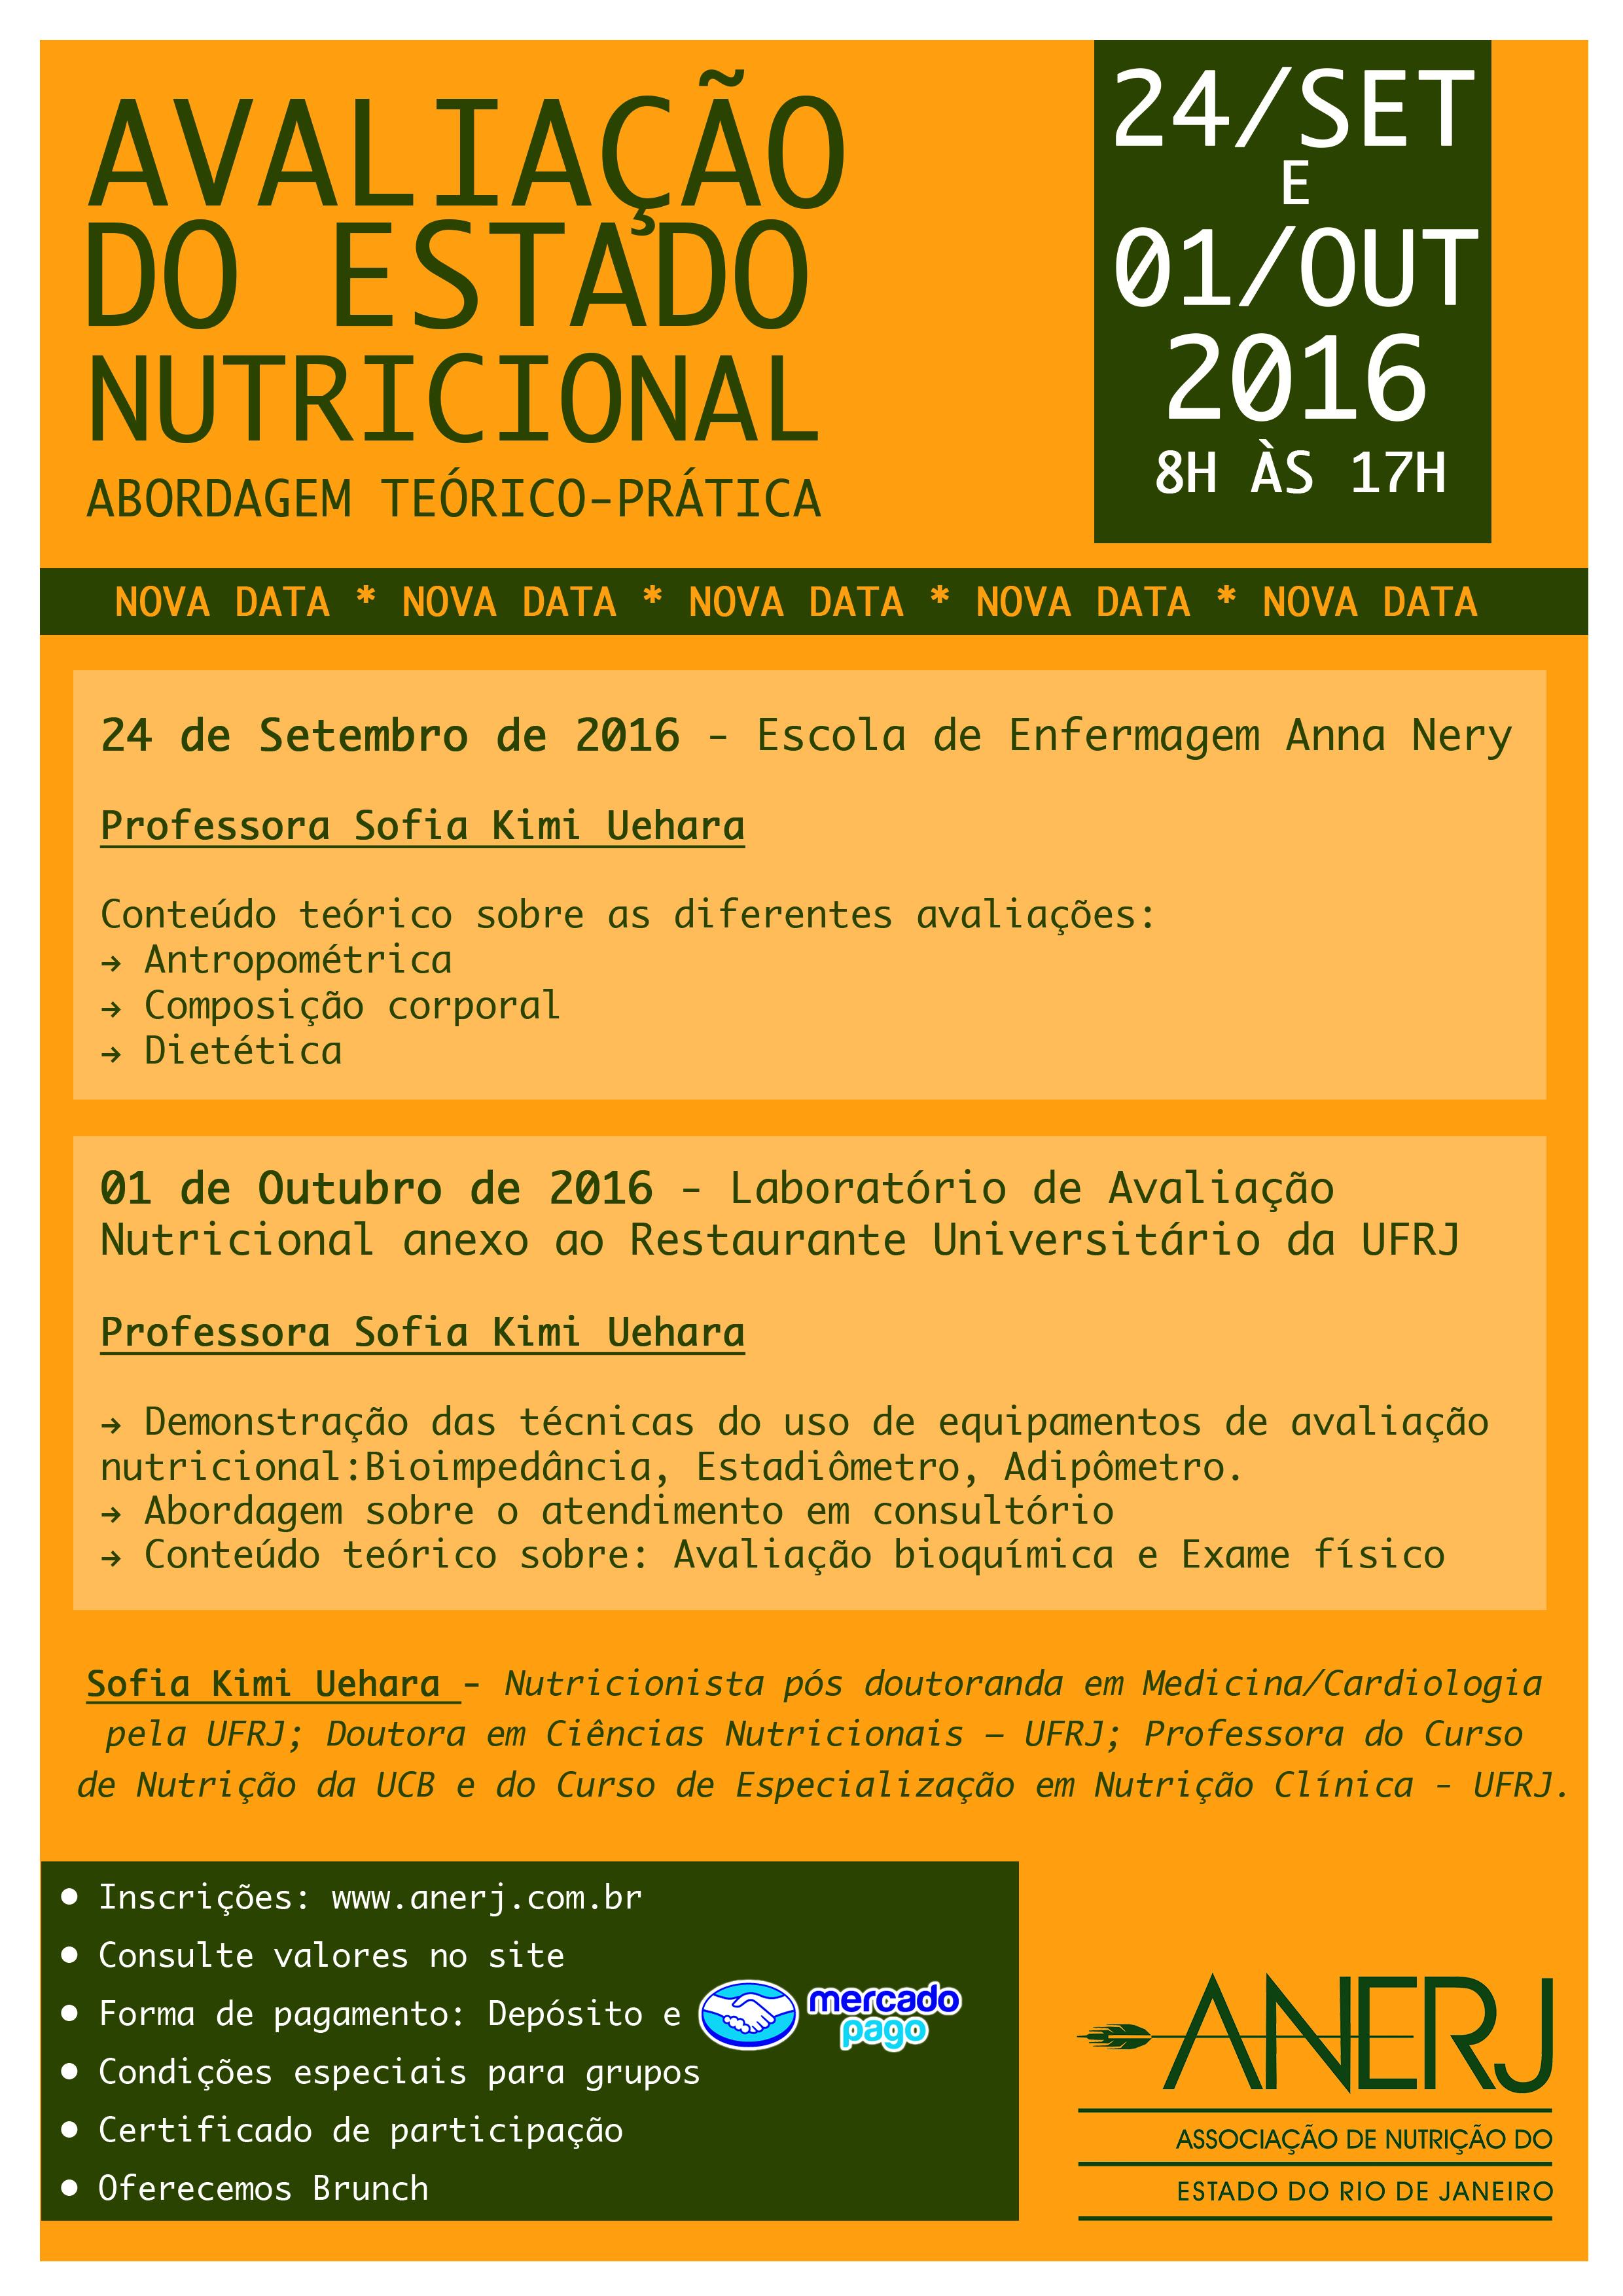 Avaliação do Estado Nutricional_ NOVA_DATA.jpg